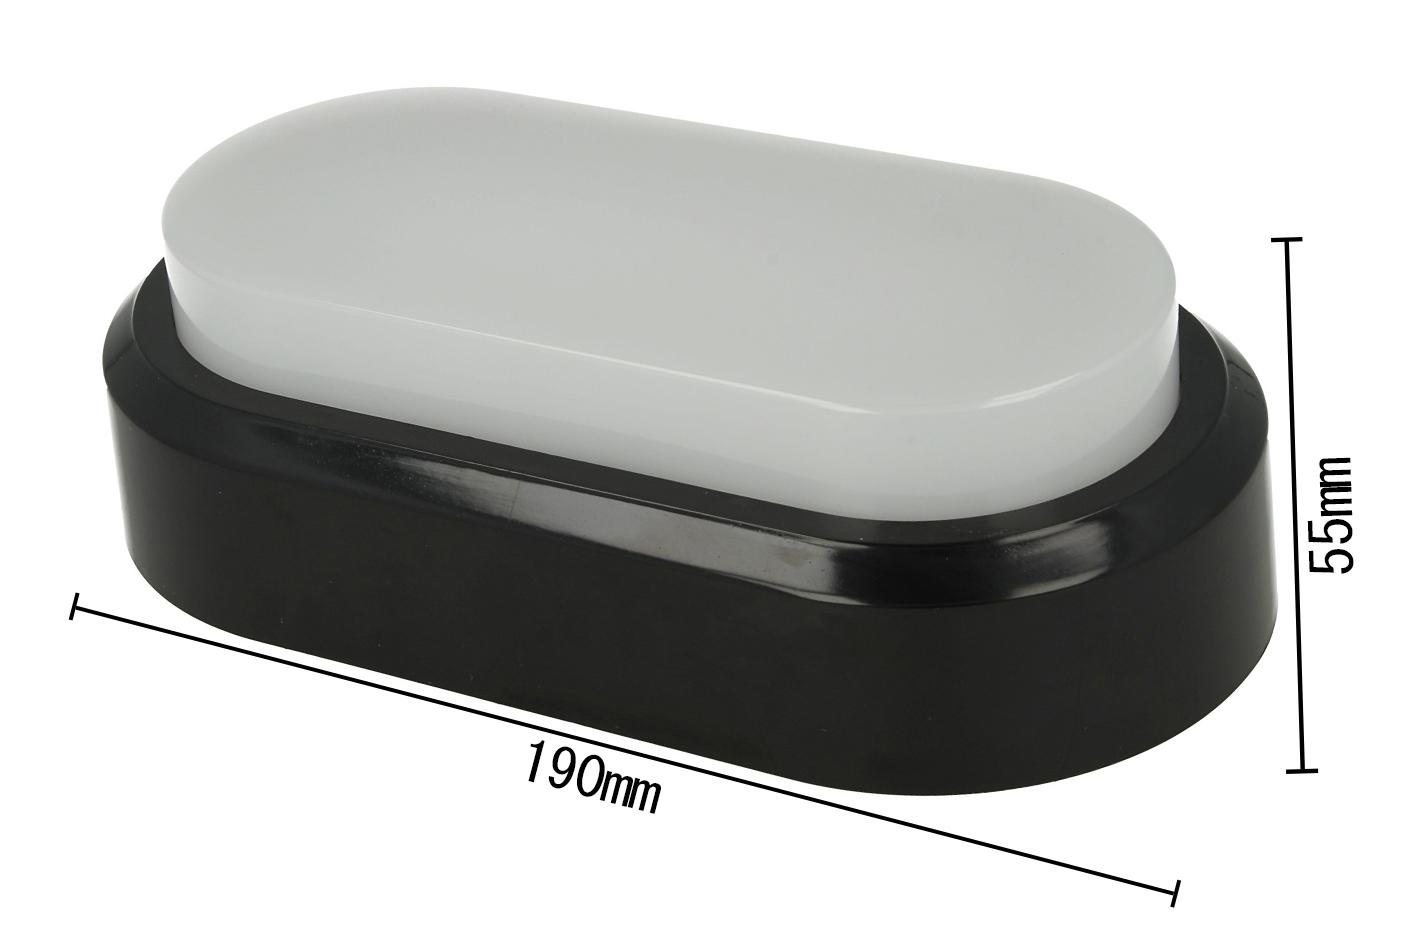 Plafoniere Rettangolari Da Parete : Flux plafoniera led applique da parete soffitto ovale rettangolare